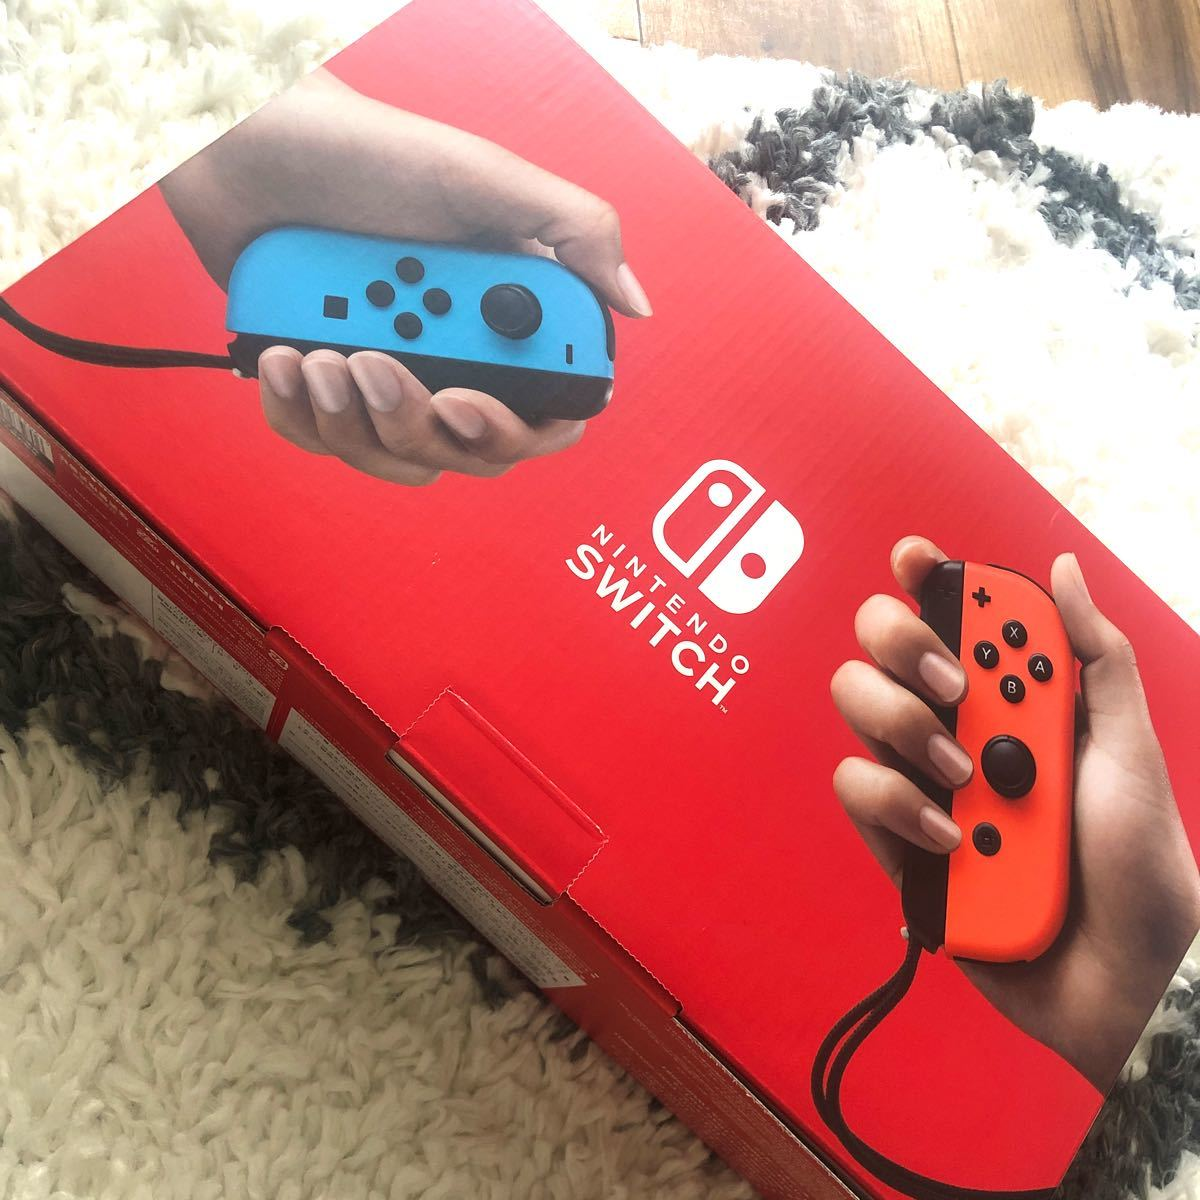 Nintendo Switch ニンテンドースイッチ本体 ネオン 新品未使用 未開封